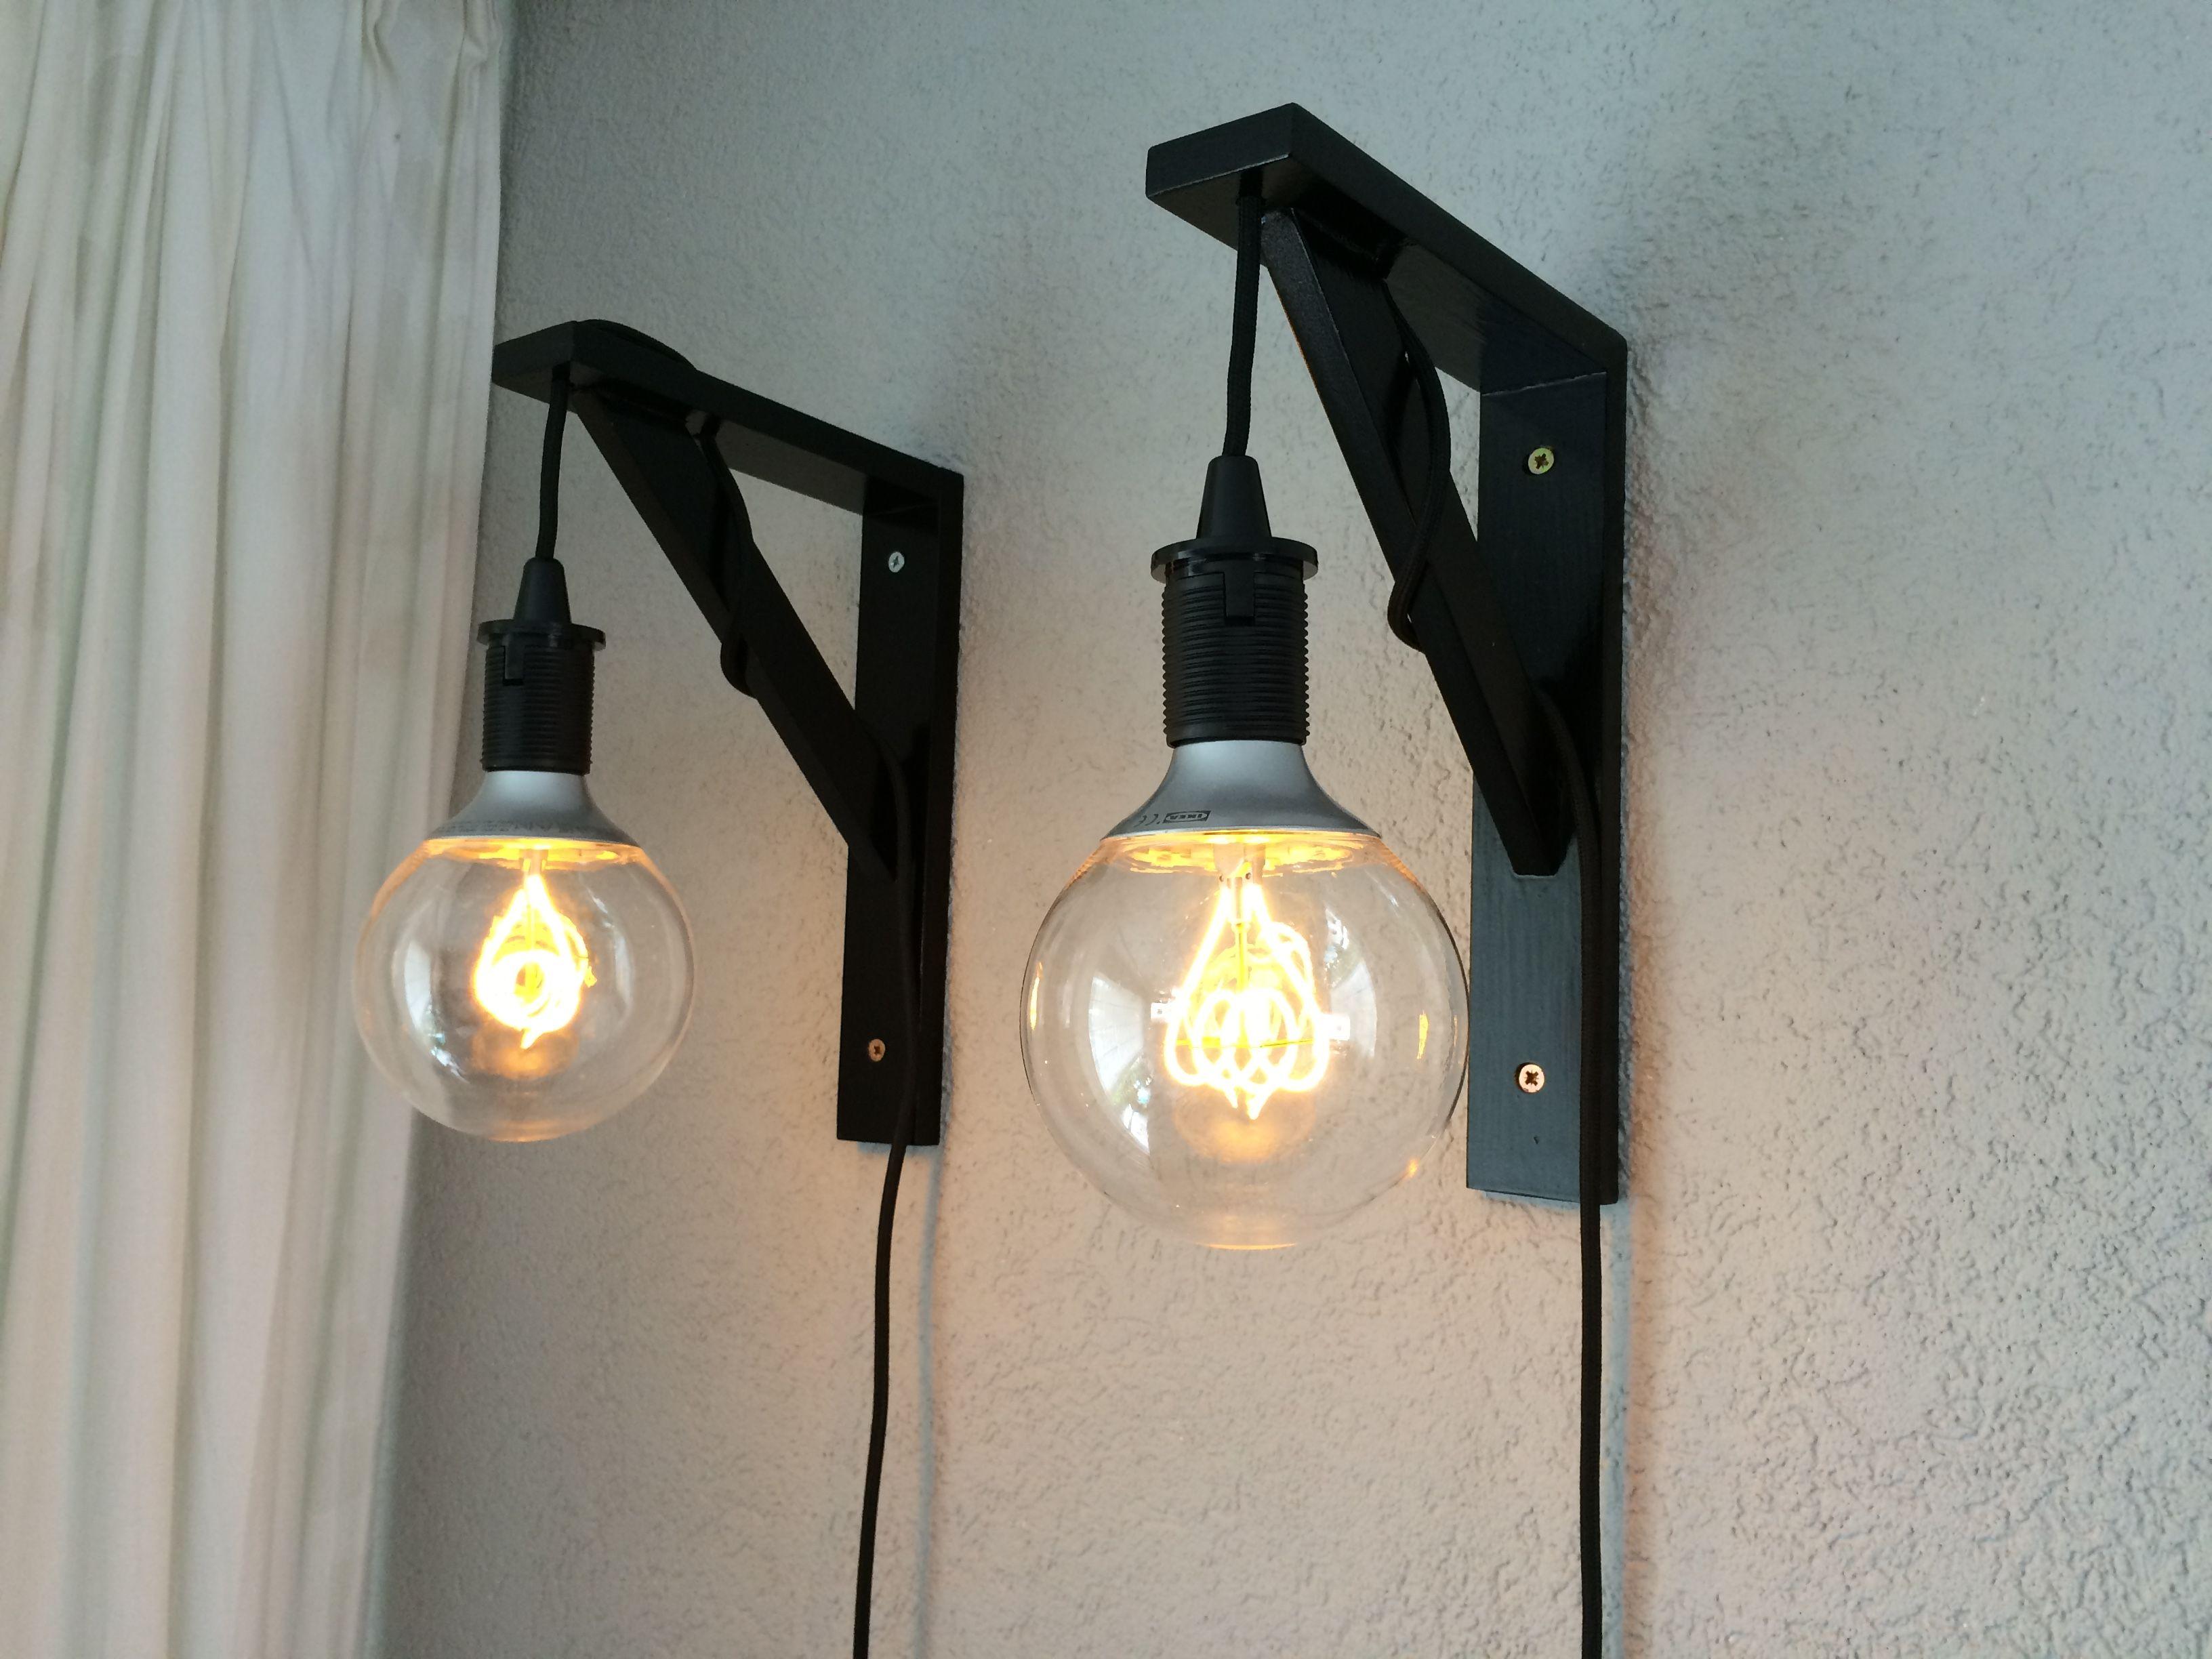 Hanglampen Gemaakt Met De Ikea Nittio Ledlamp Ikea Hacks